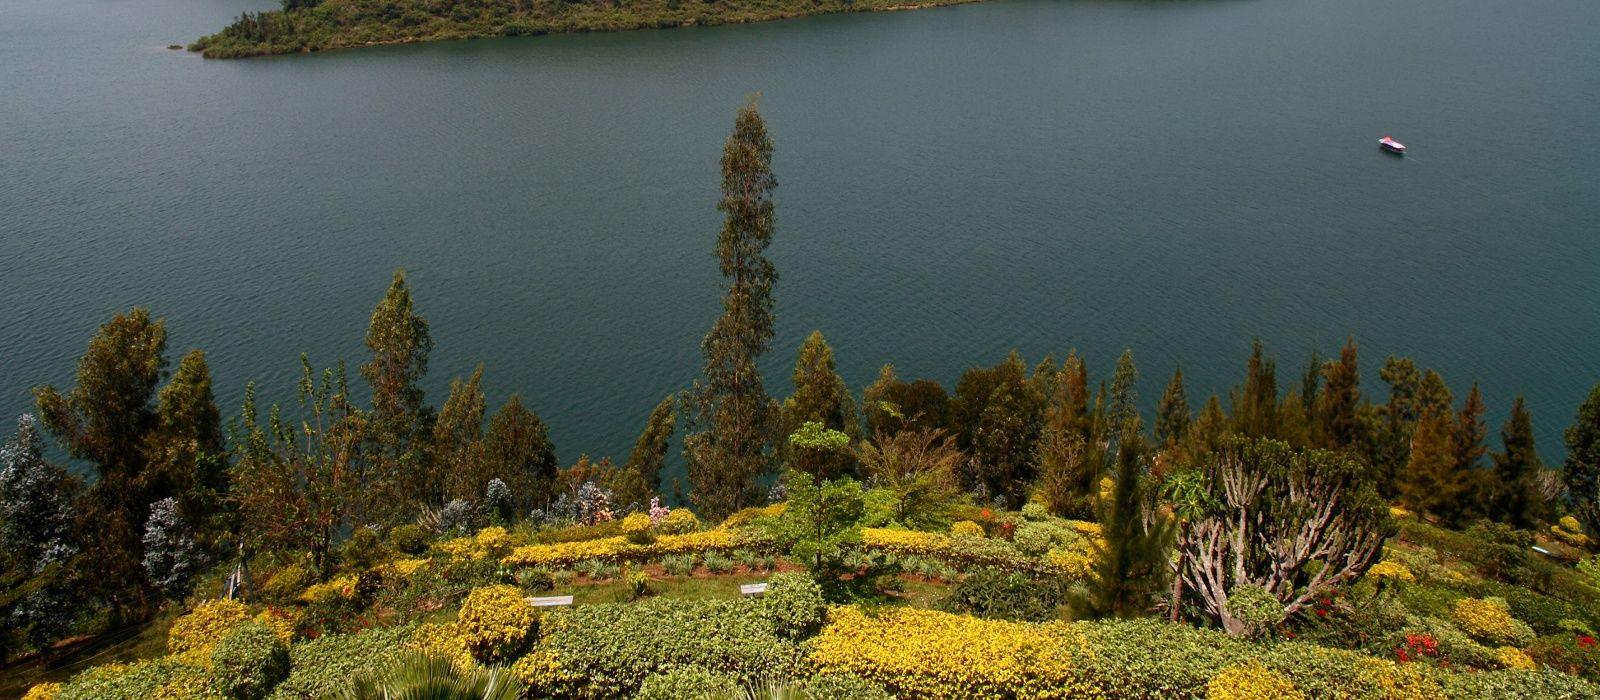 Ruanda Reise: Vulkane, Lake Kivu und Gorilla Trekking Urlaub 5